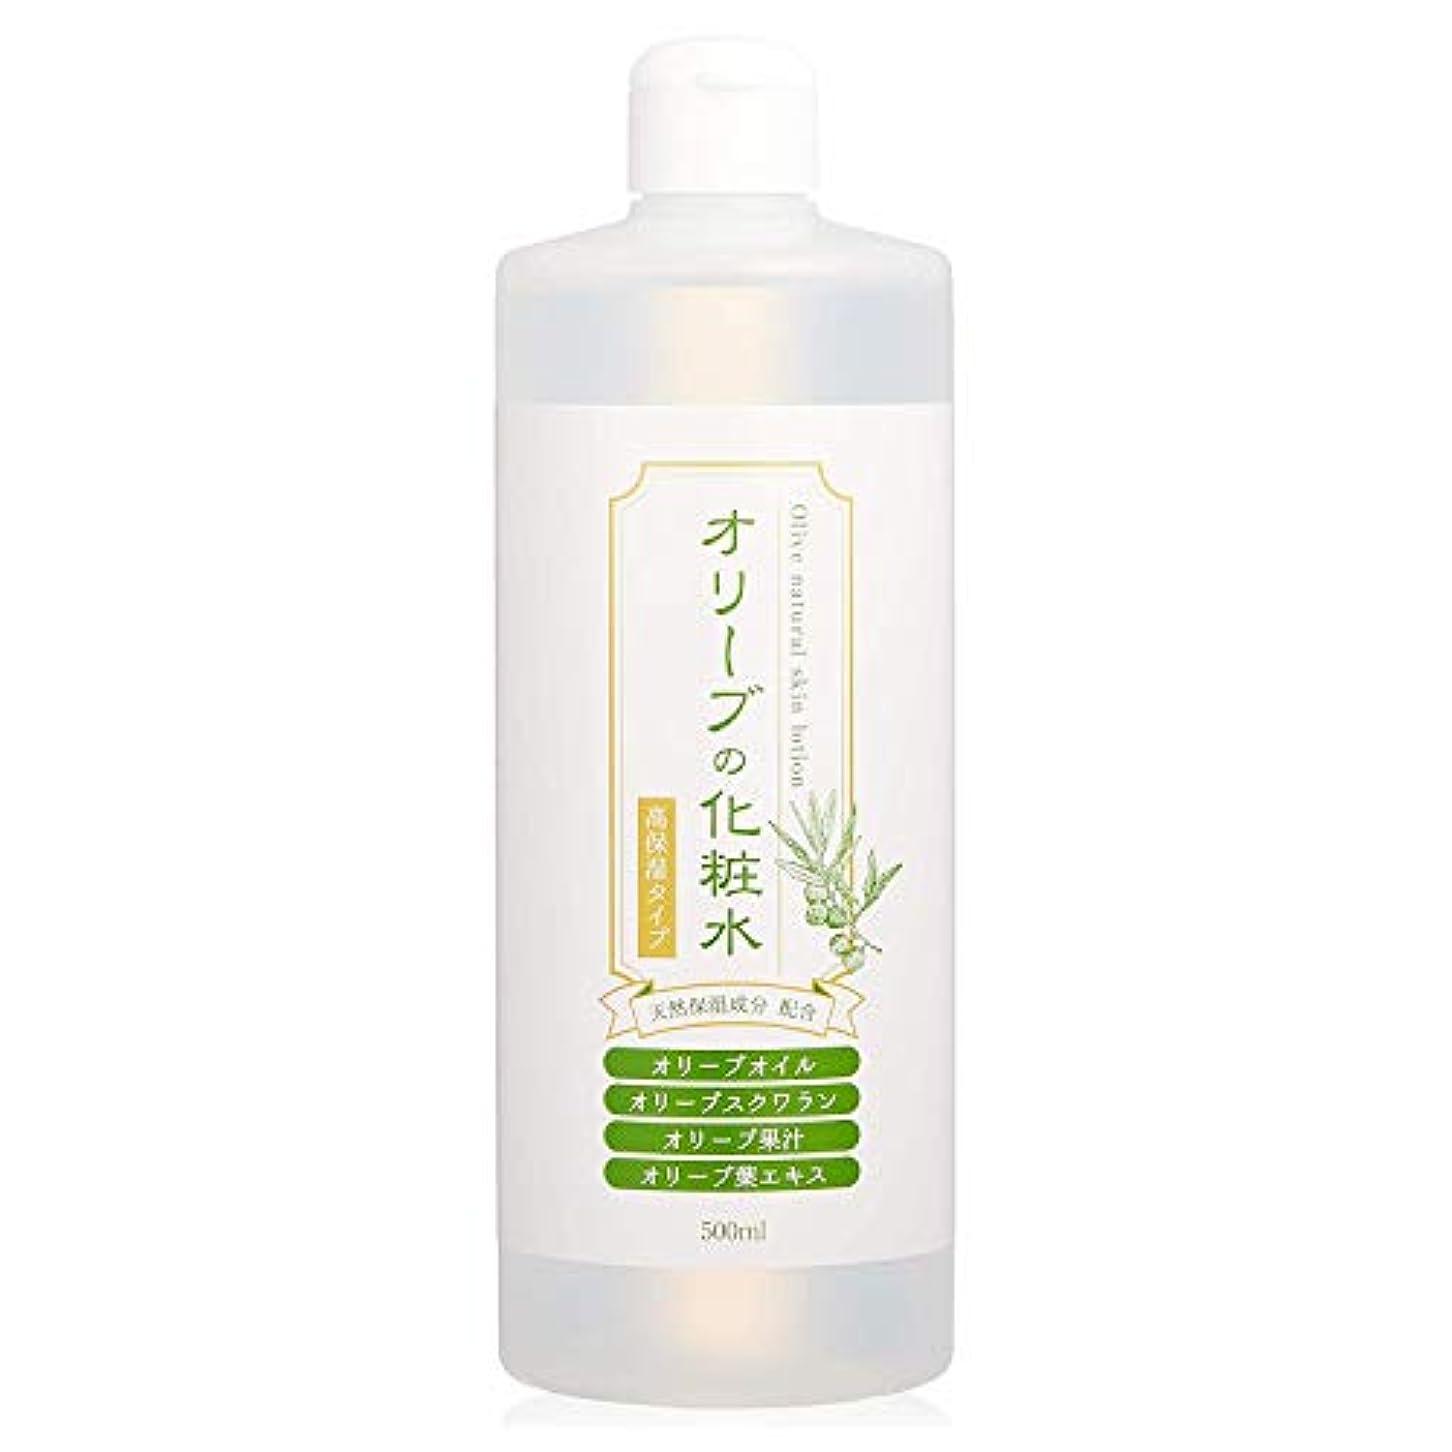 突進参照ラック日本オリーブ オリーブクリアローション 〈オリーブの化粧水〉 (500mL)